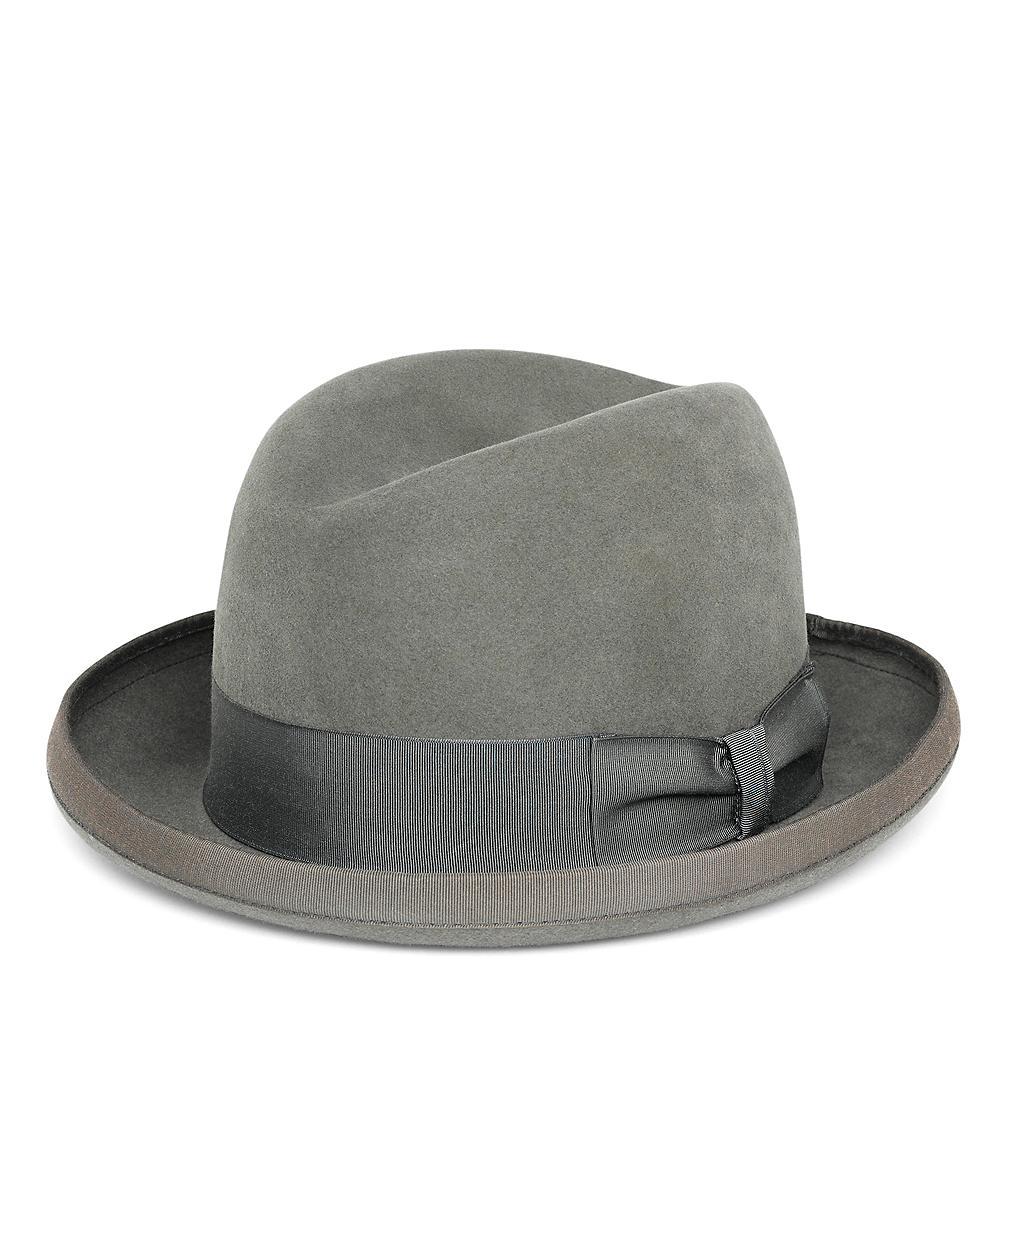 ACCESSORIES - Hats Brooks Brothers zKz1WGU